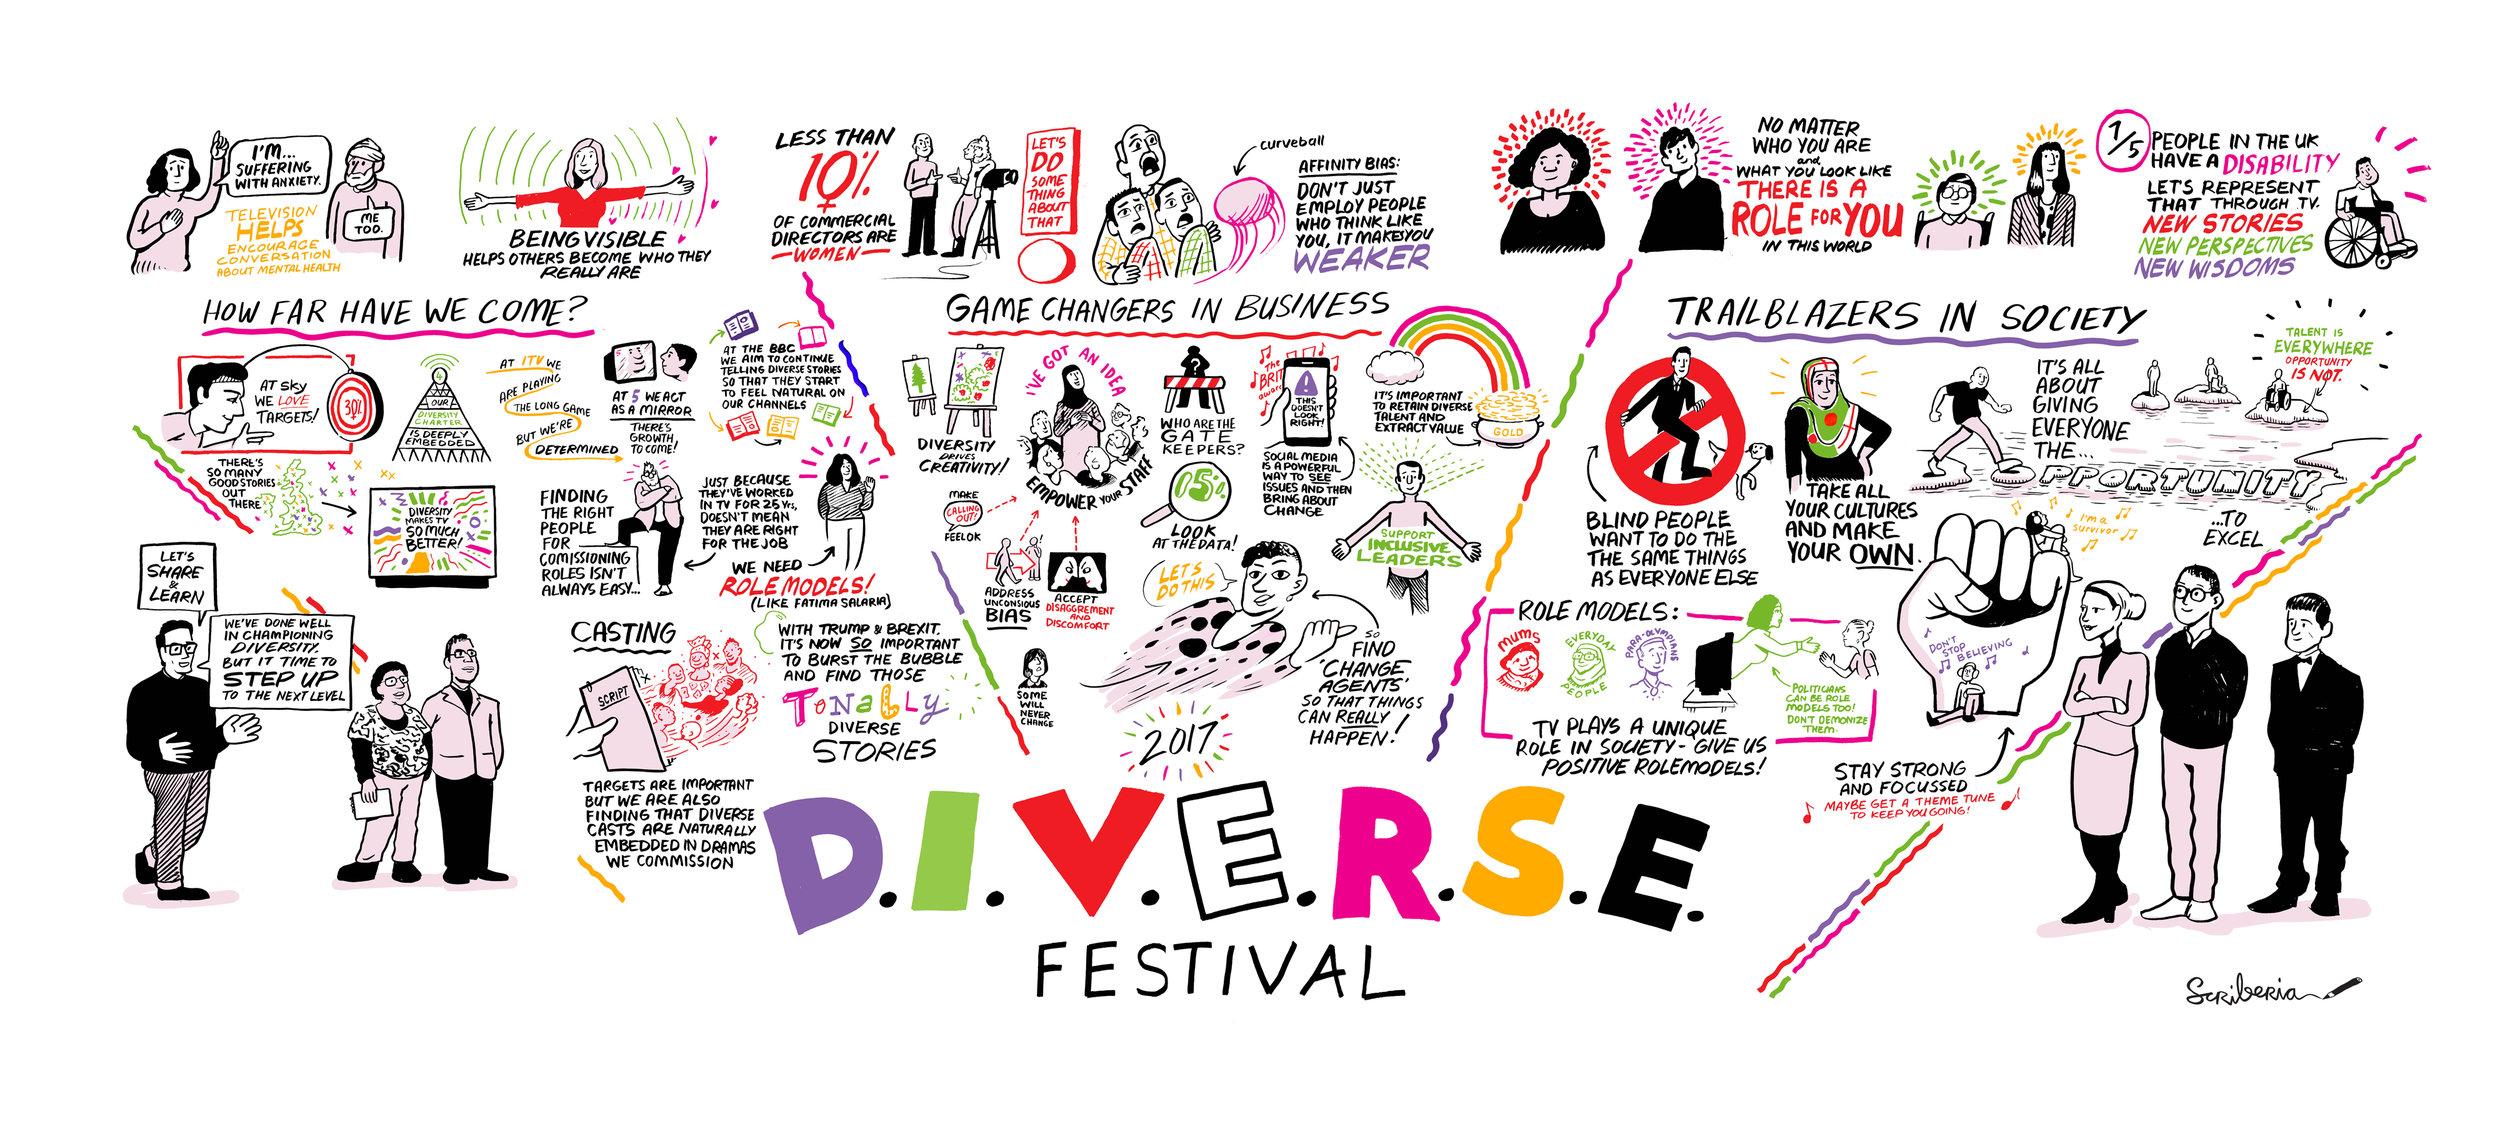 Scriberia Channel 4 Scribing Live Illustration D.I.V.E.R.S.E Festival